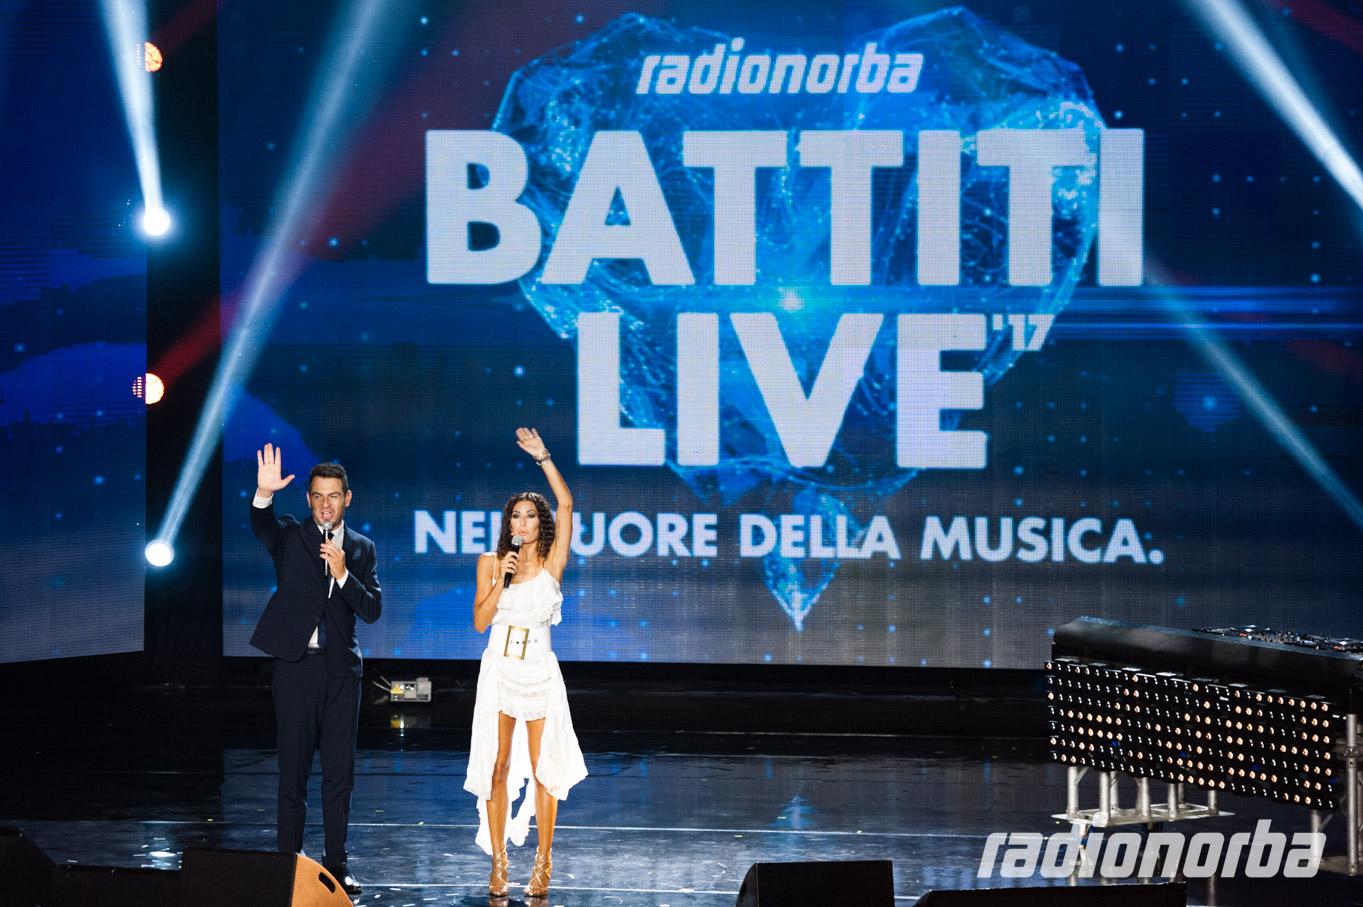 Battiti Live, lo show musicale di Radionorba è confermato su Italia1